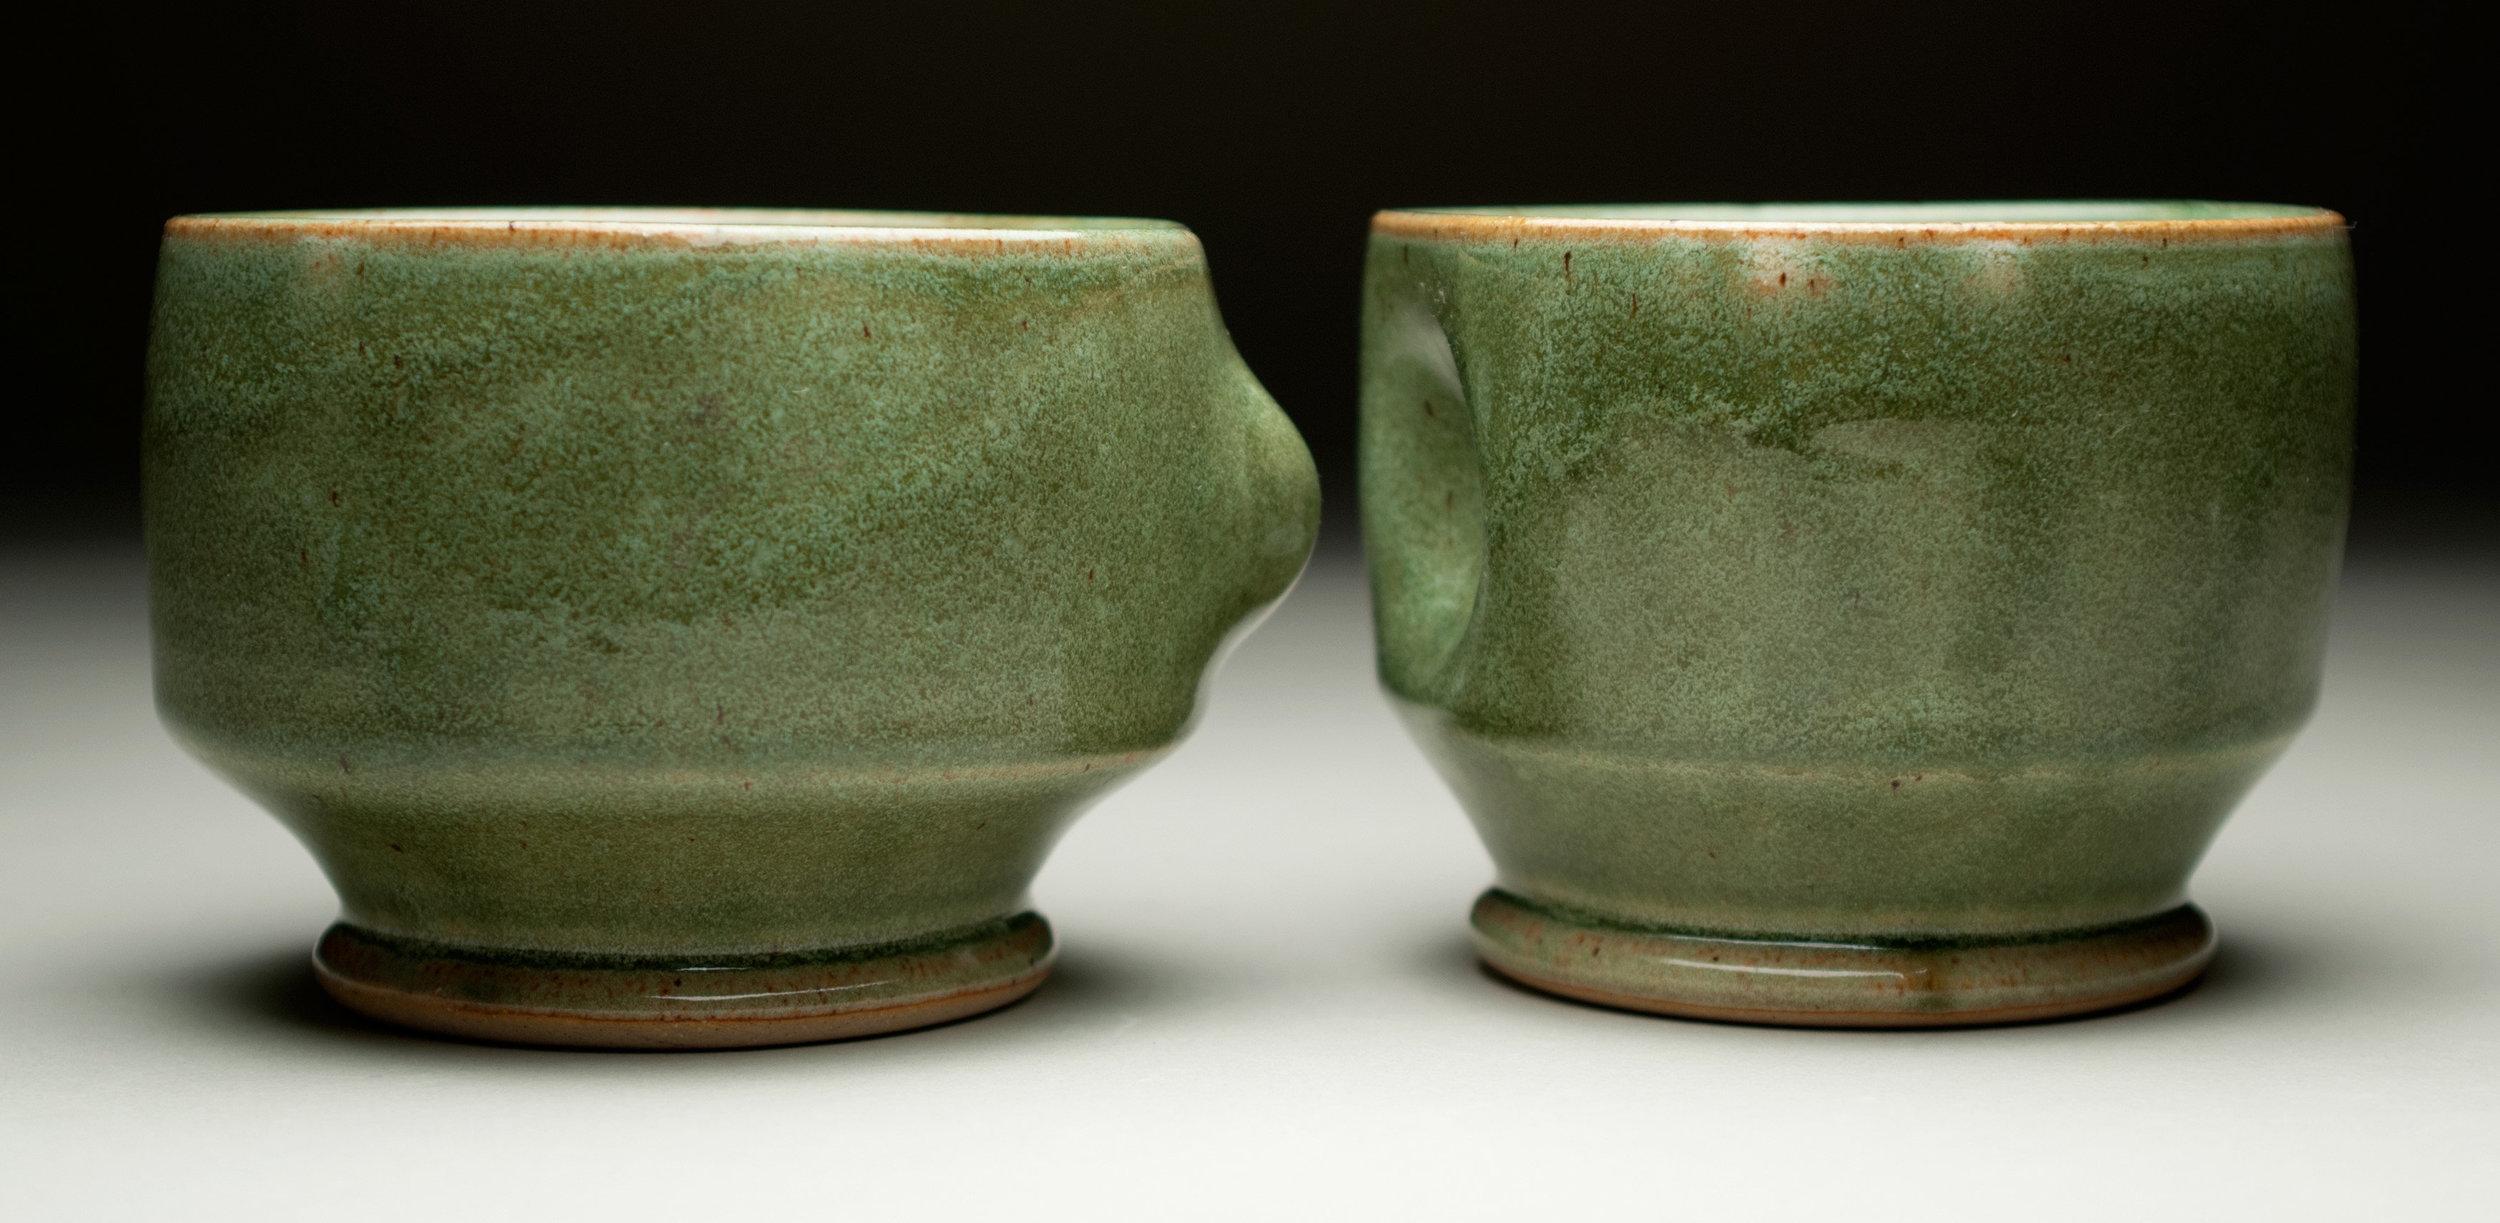 """""""Cupple"""" by Alex Adams, Ceramic,3x3.5x3.5in, 2015, $50 for set"""